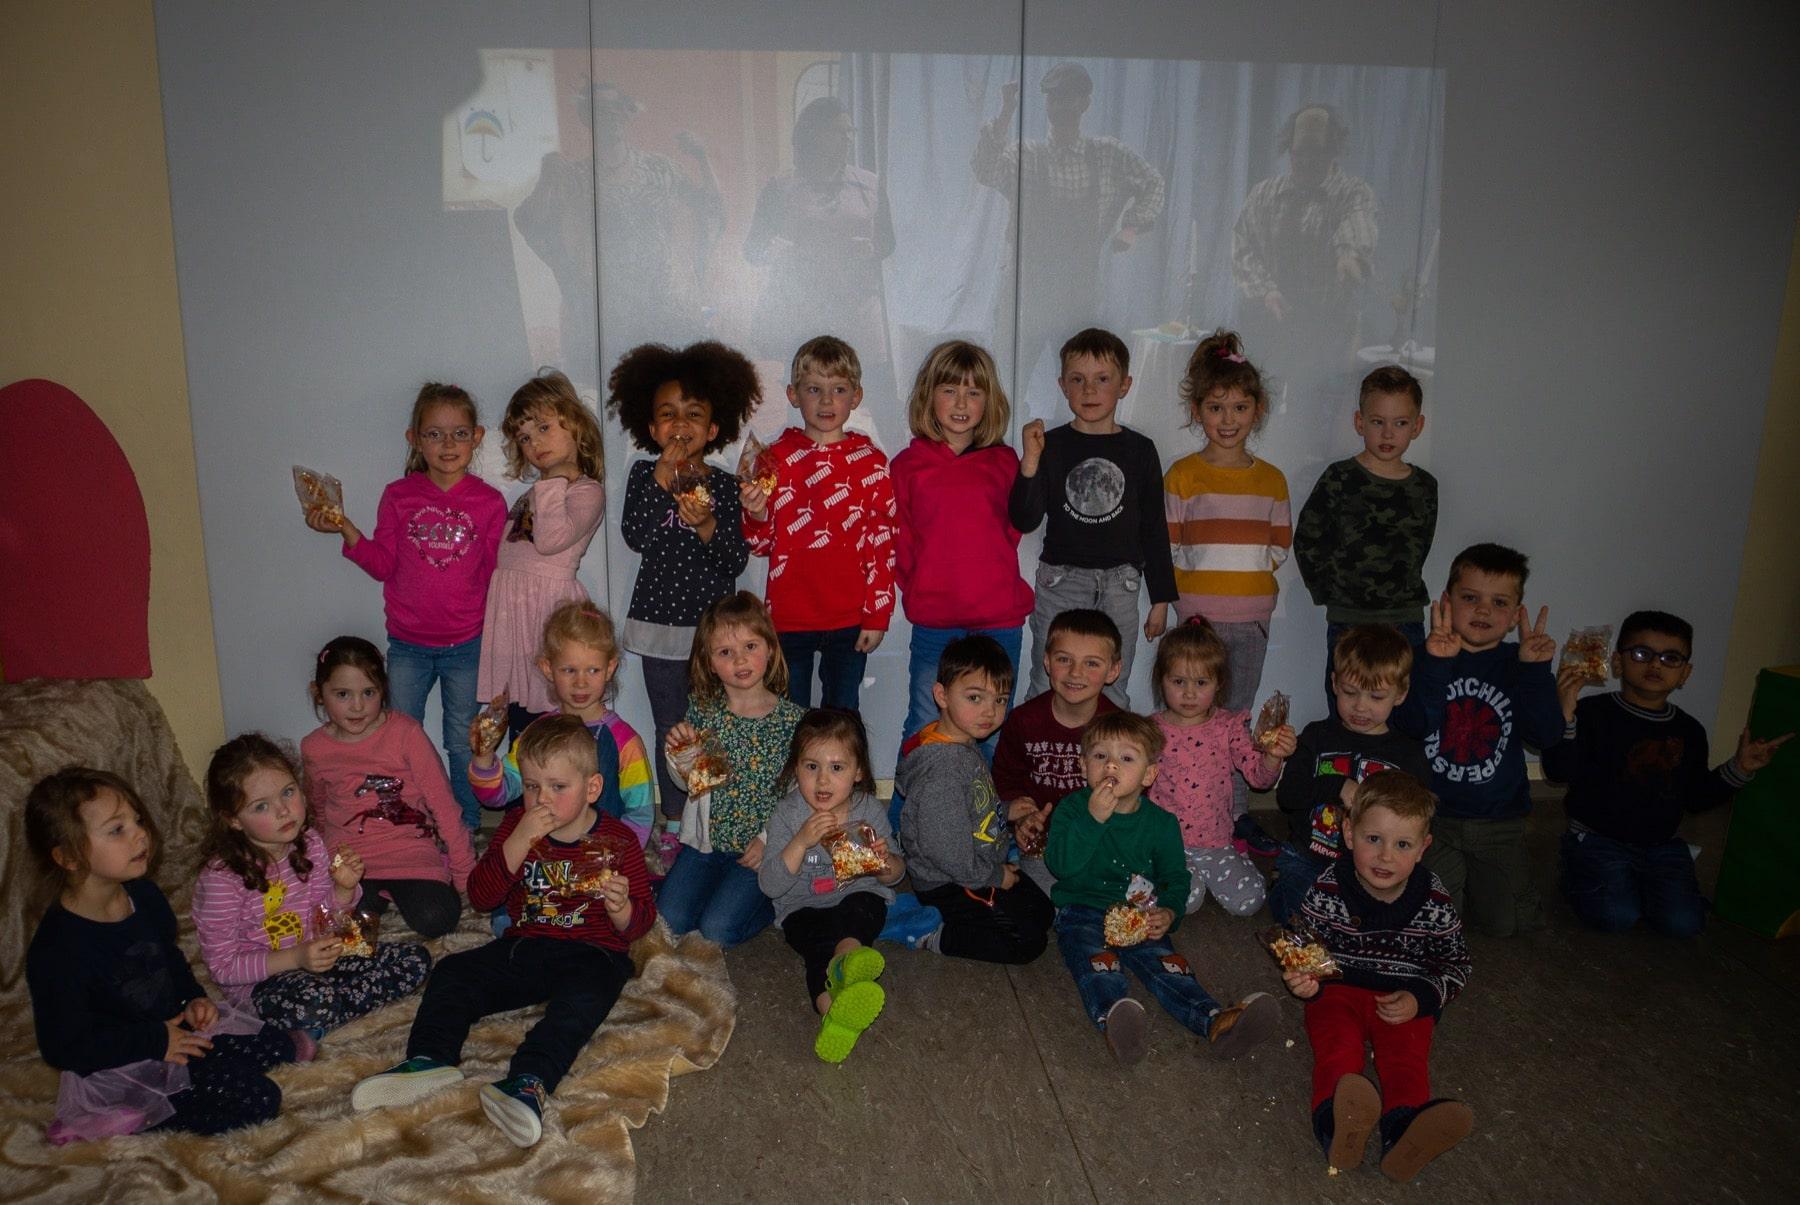 Die glücklichen Kids nach der Vorstellung im Bewegungsraum der Kita Kinderbusch. (Foto: Wir in Dortmund)